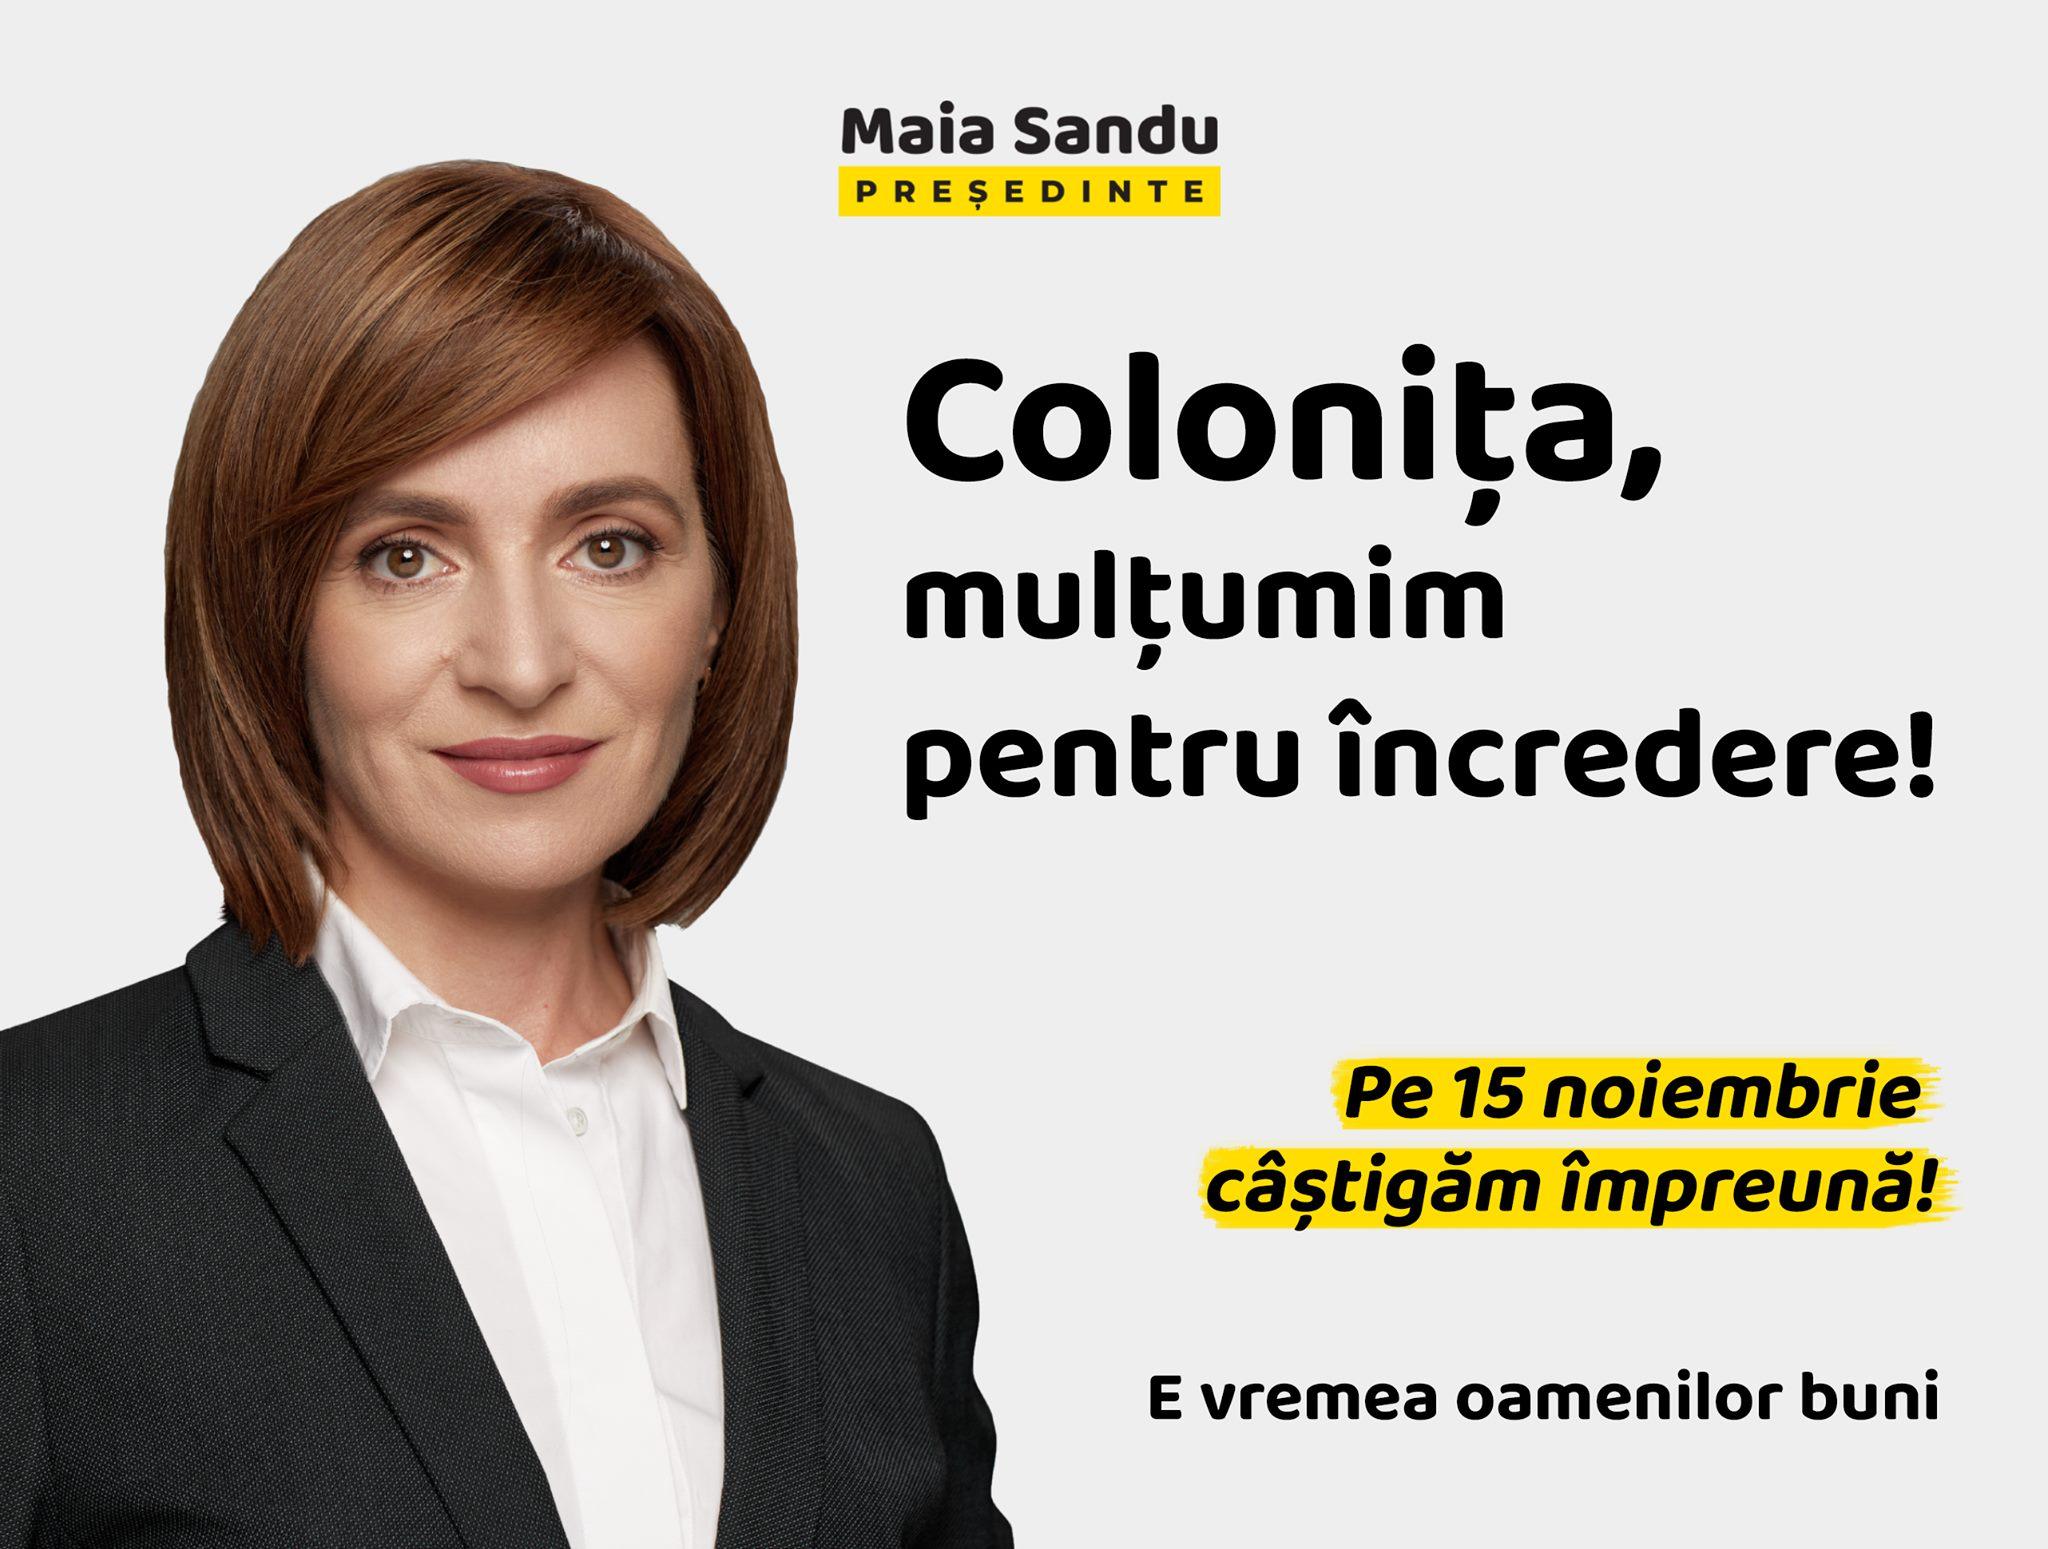 Votul colonițenilor în turul I al alegerilor prezidențiale din 1 noiembrie 2020